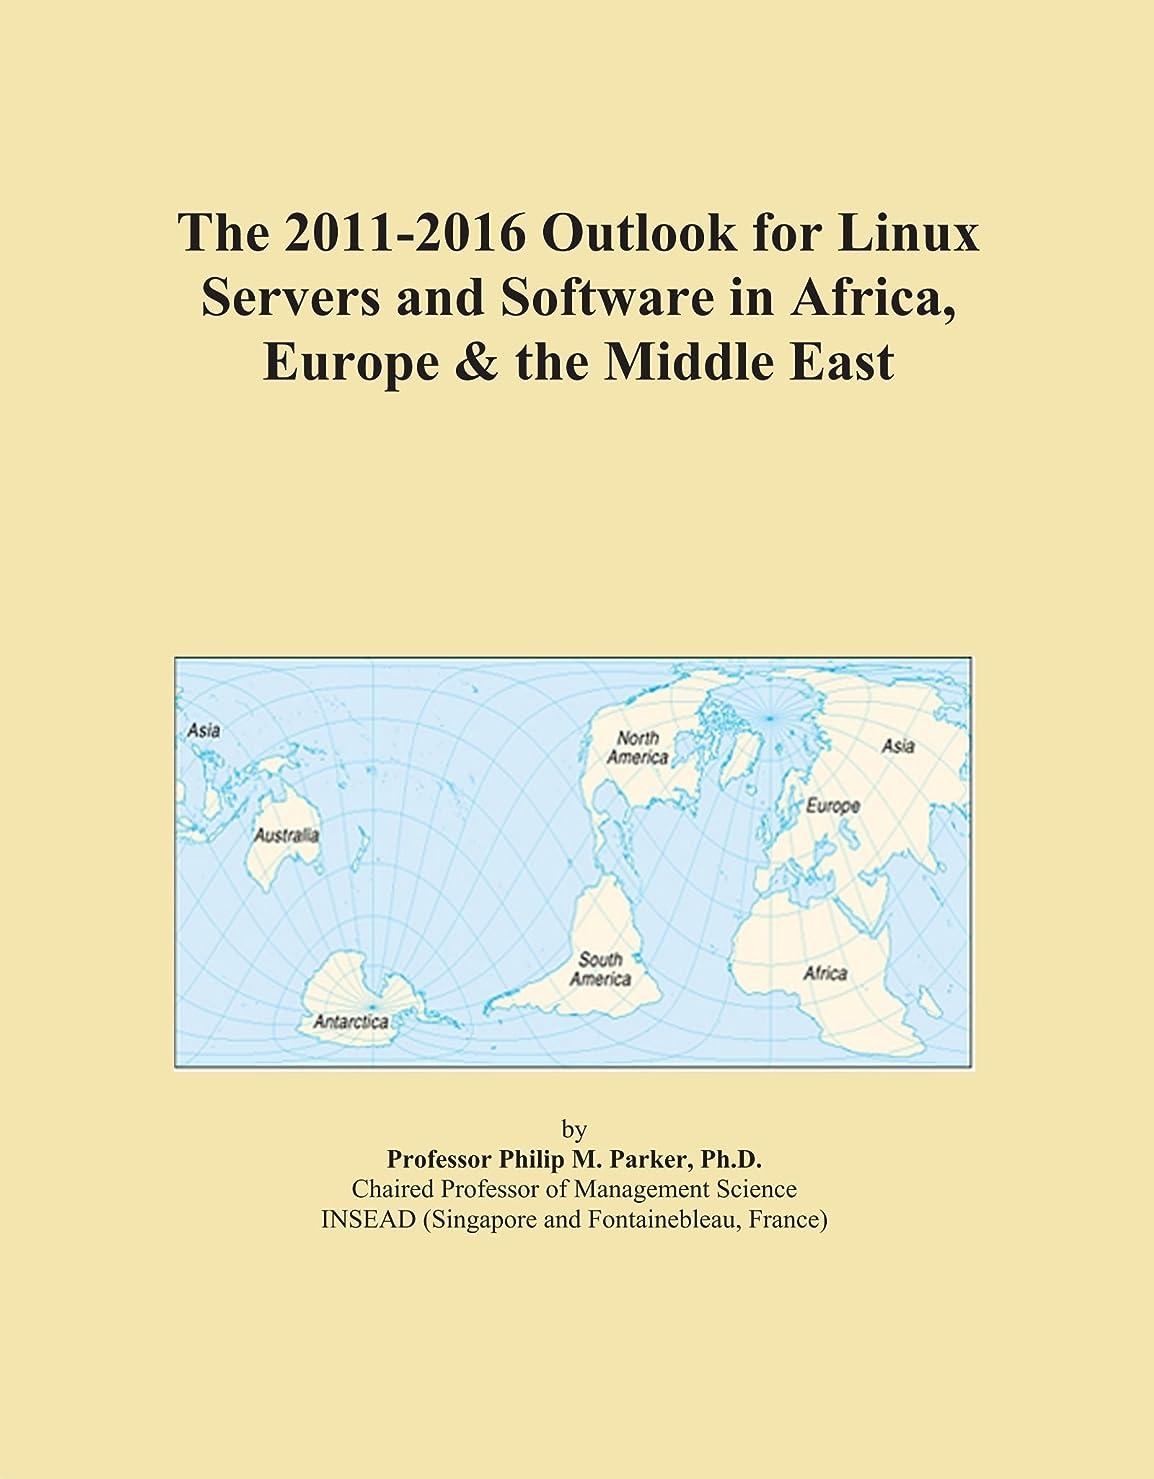 コントロール王朝宝The 2011-2016 Outlook for Linux Servers and Software in Africa, Europe & the Middle East